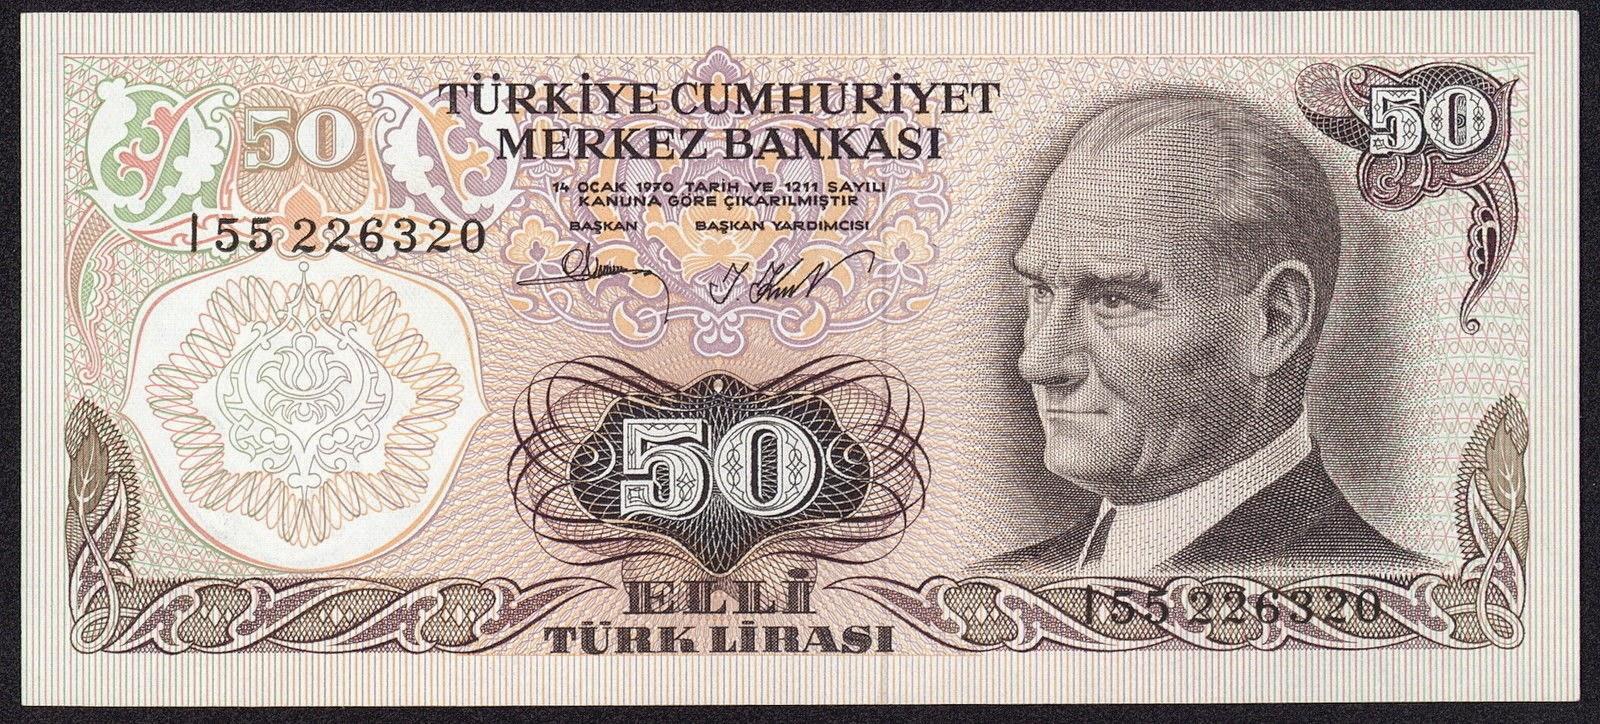 """Turkey Banknotes 50 Türk Lirasi """"Turkish Lira"""" note 1970 Mustafa Kemal Atatürk"""